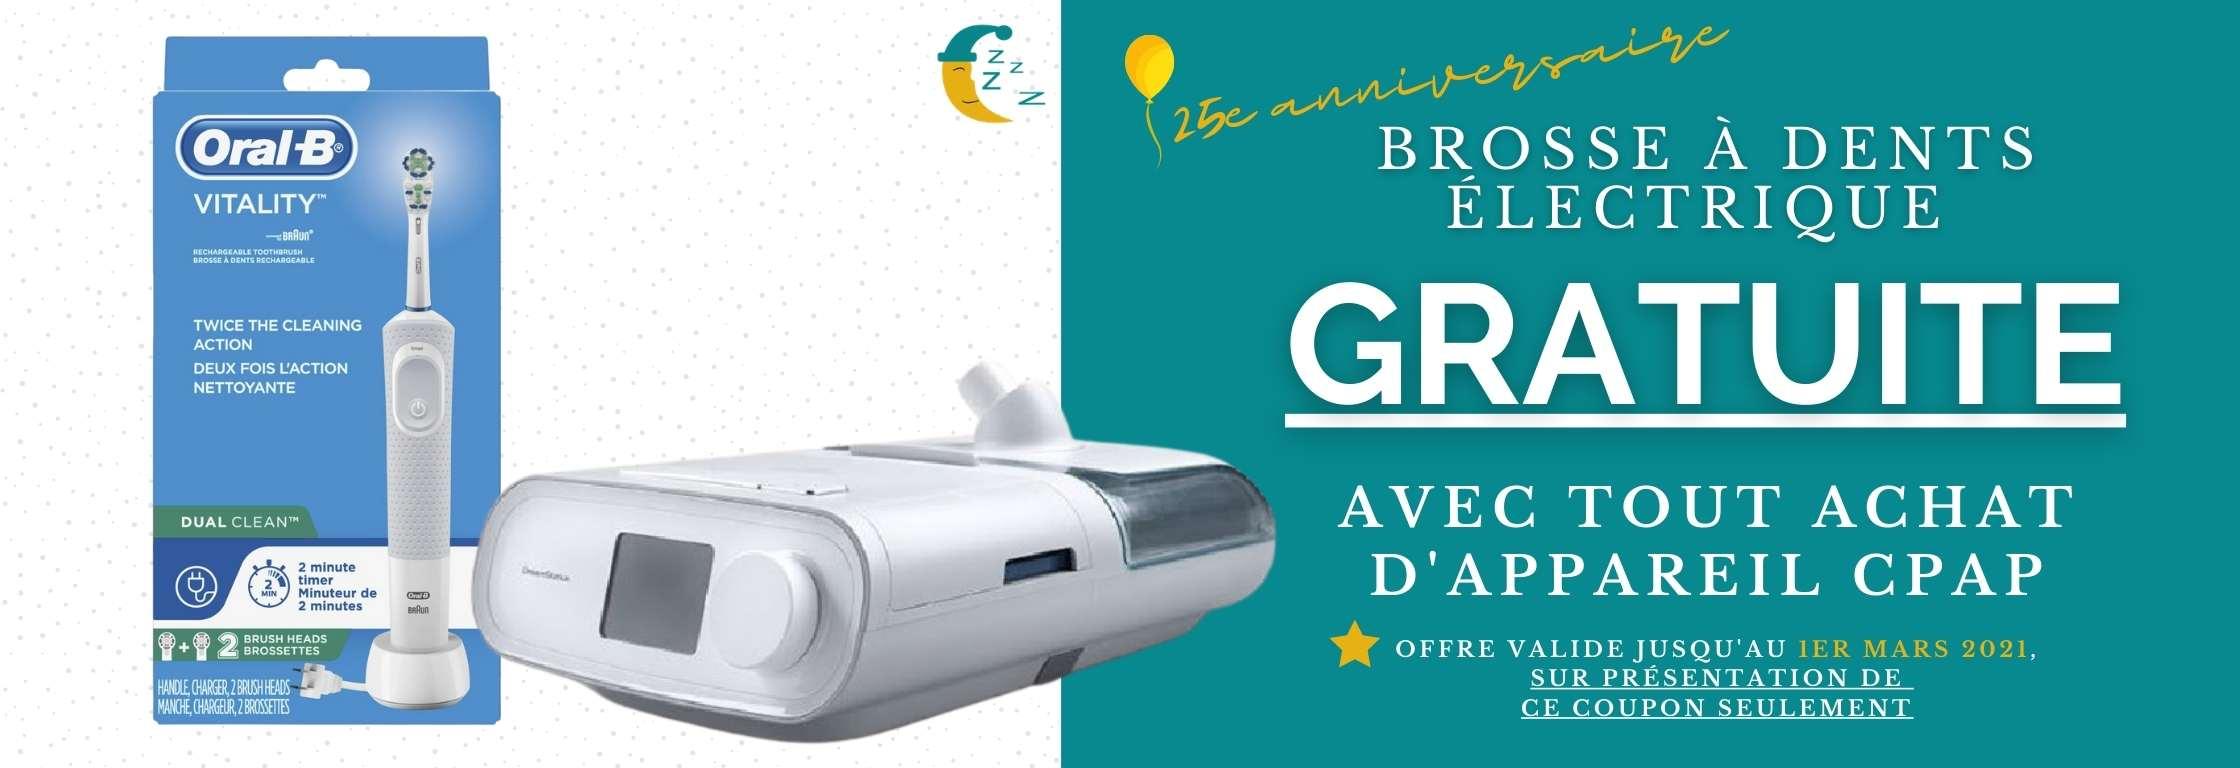 Brosse à dents GRATUITE avec tout achat d'appareil CPAP - offre valide jusqu'au 1er mars 2021 - Pro-Médic Joliette